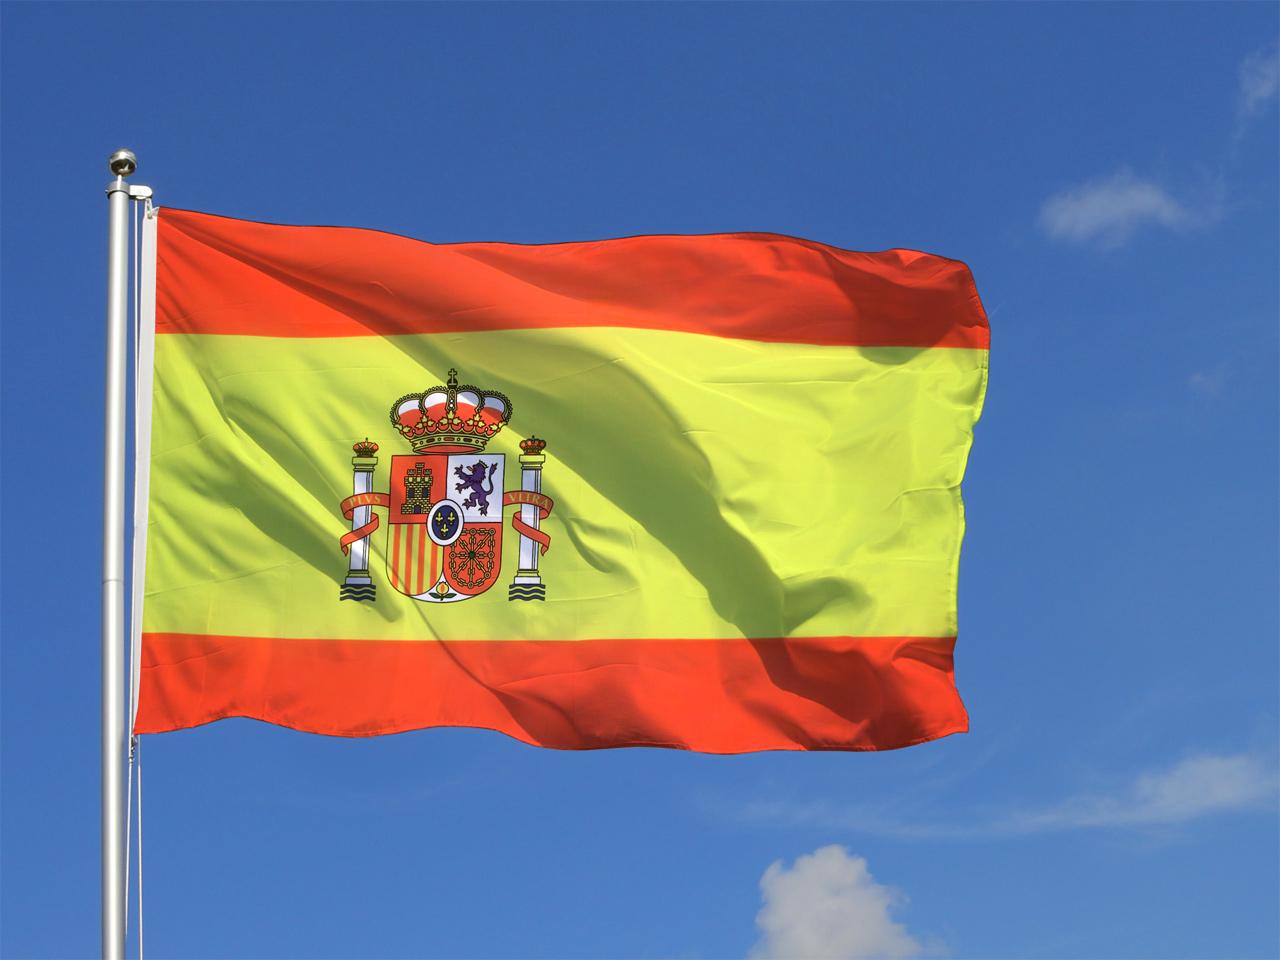 Grand drapeau espagnol 150 x 250 cm m des drapeaux - Drapeau espagnol a colorier ...